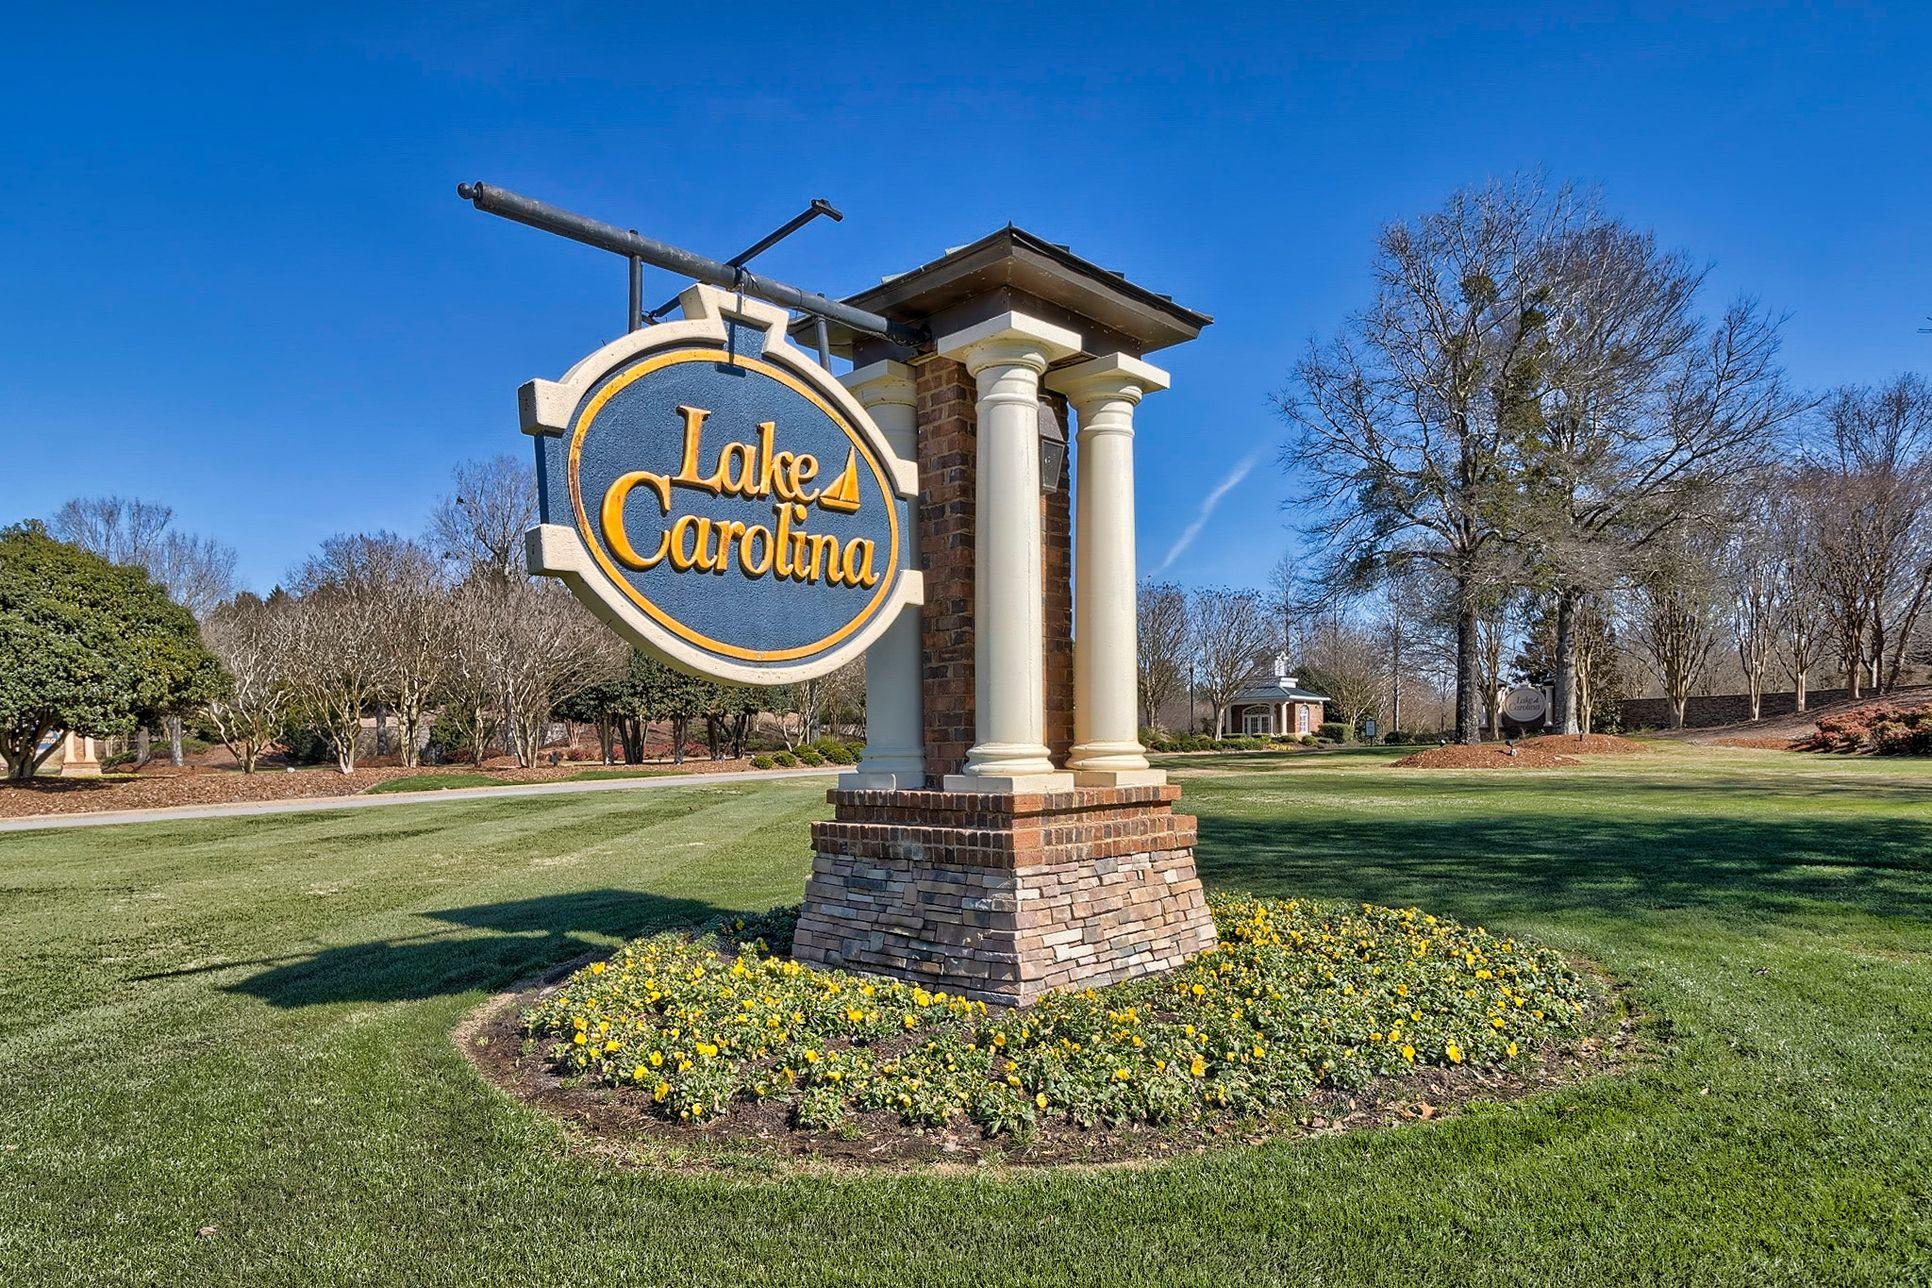 Lake Carolina:Community